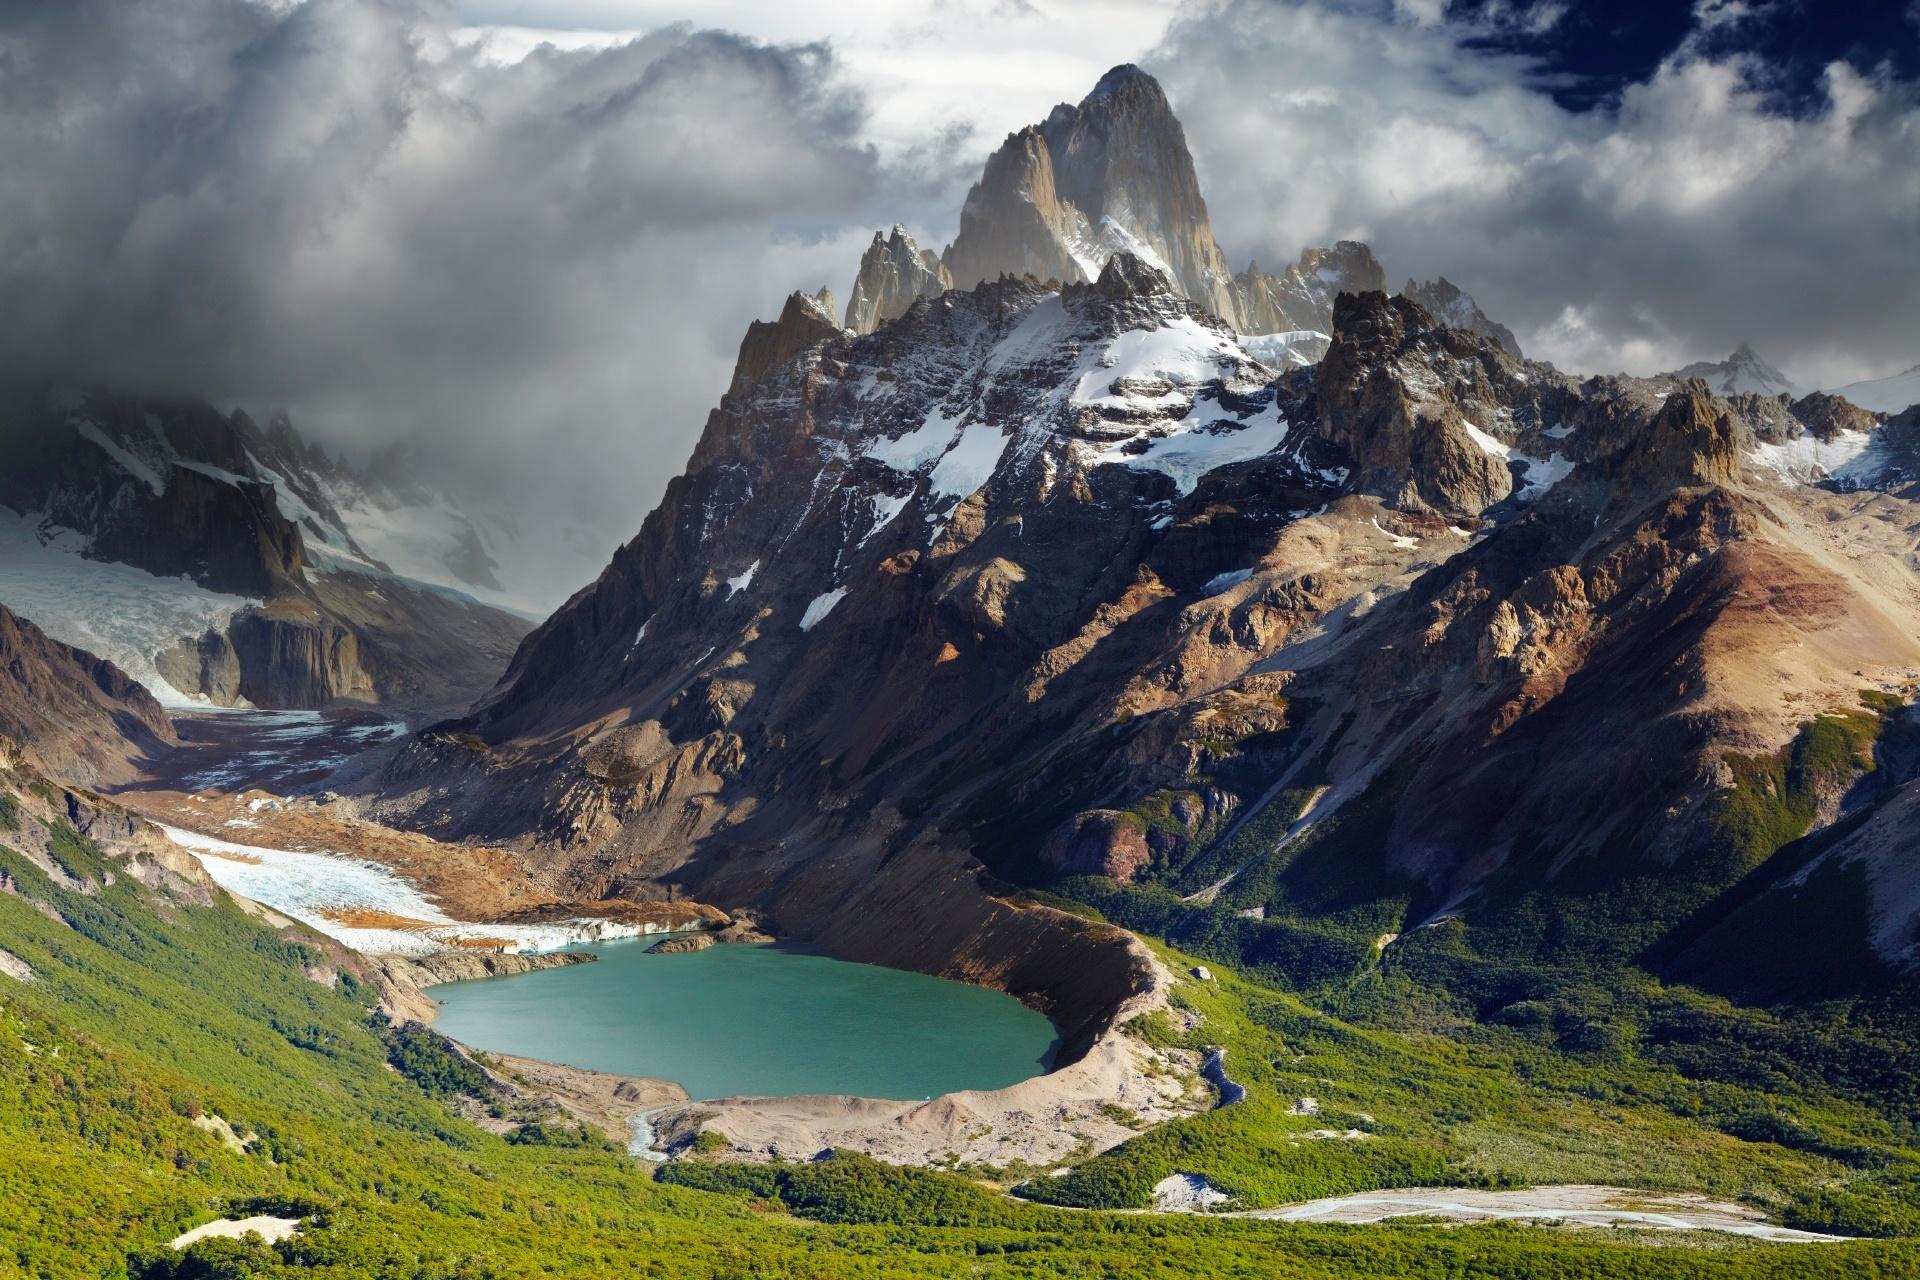 フィッツ・ロイとロス・グラシアレス国立公園 パタゴニアの風景 アルゼンチンの風景